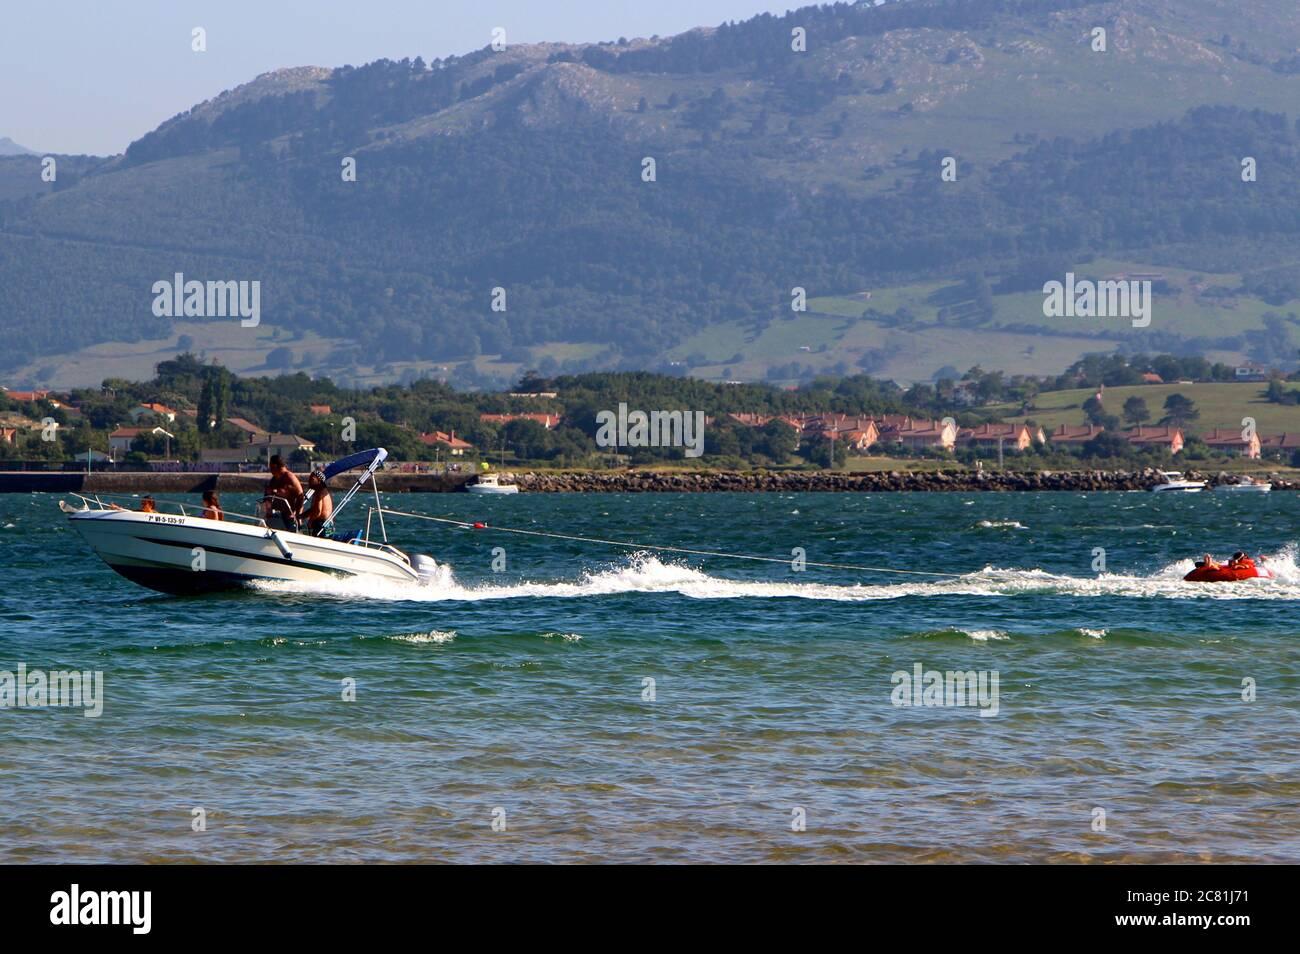 Velero de movimiento rápido remolcando gente en un anillo de goma naranja inflado en la bahía de Santander Foto de stock